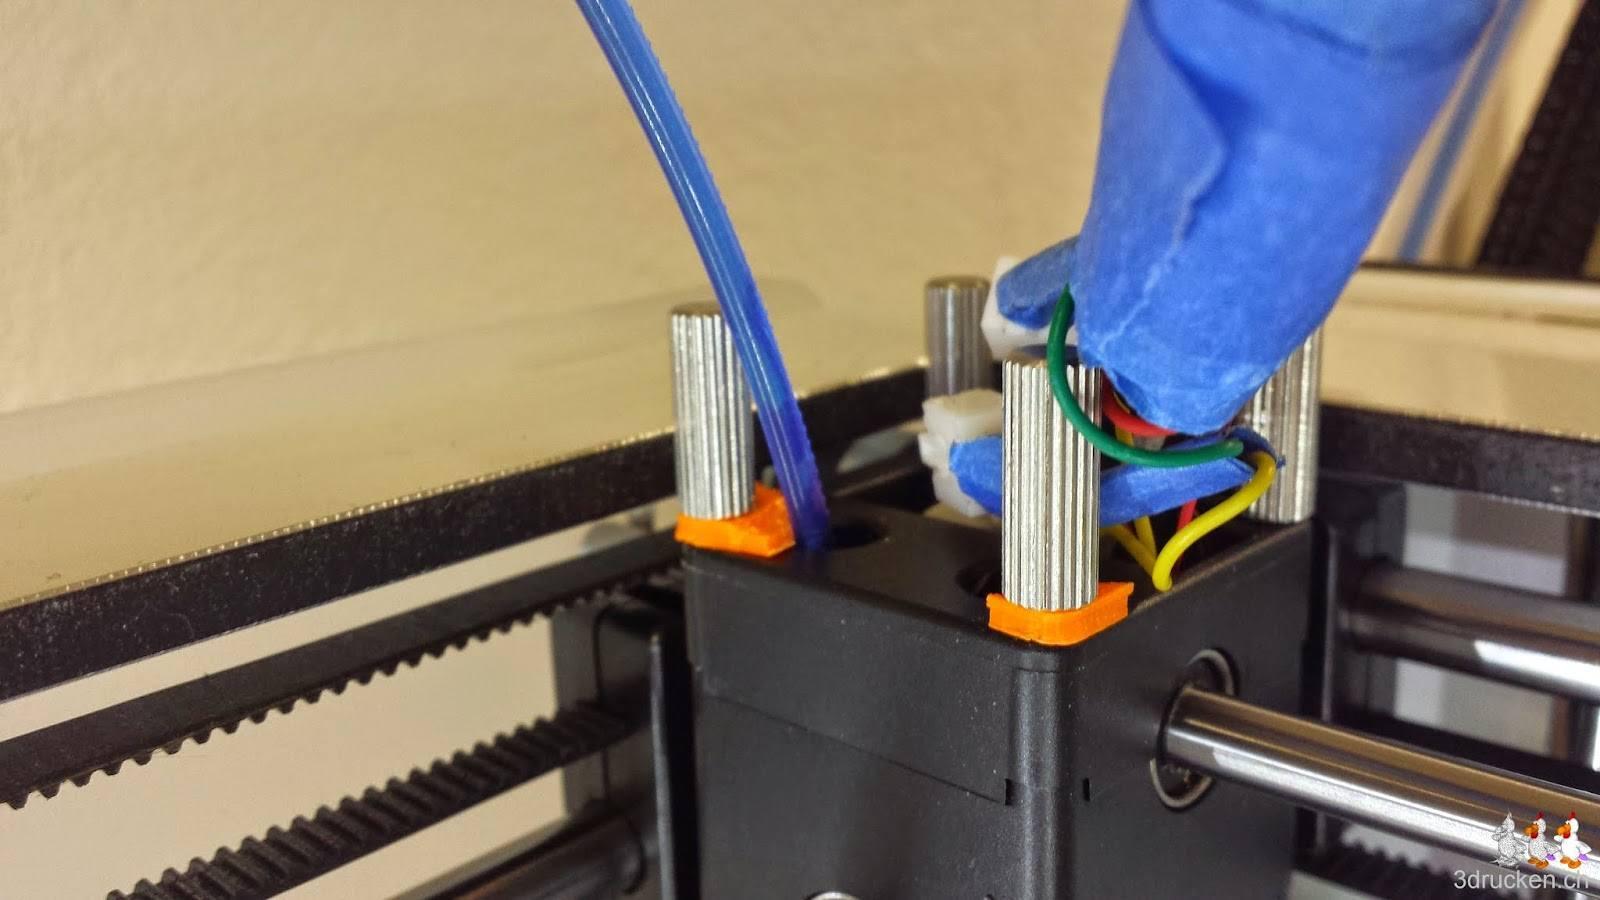 Foto der Oberseite des Ultimaker 2 Druckkopfes mit den Überresten des gebrochenen Bowden Tube Halters